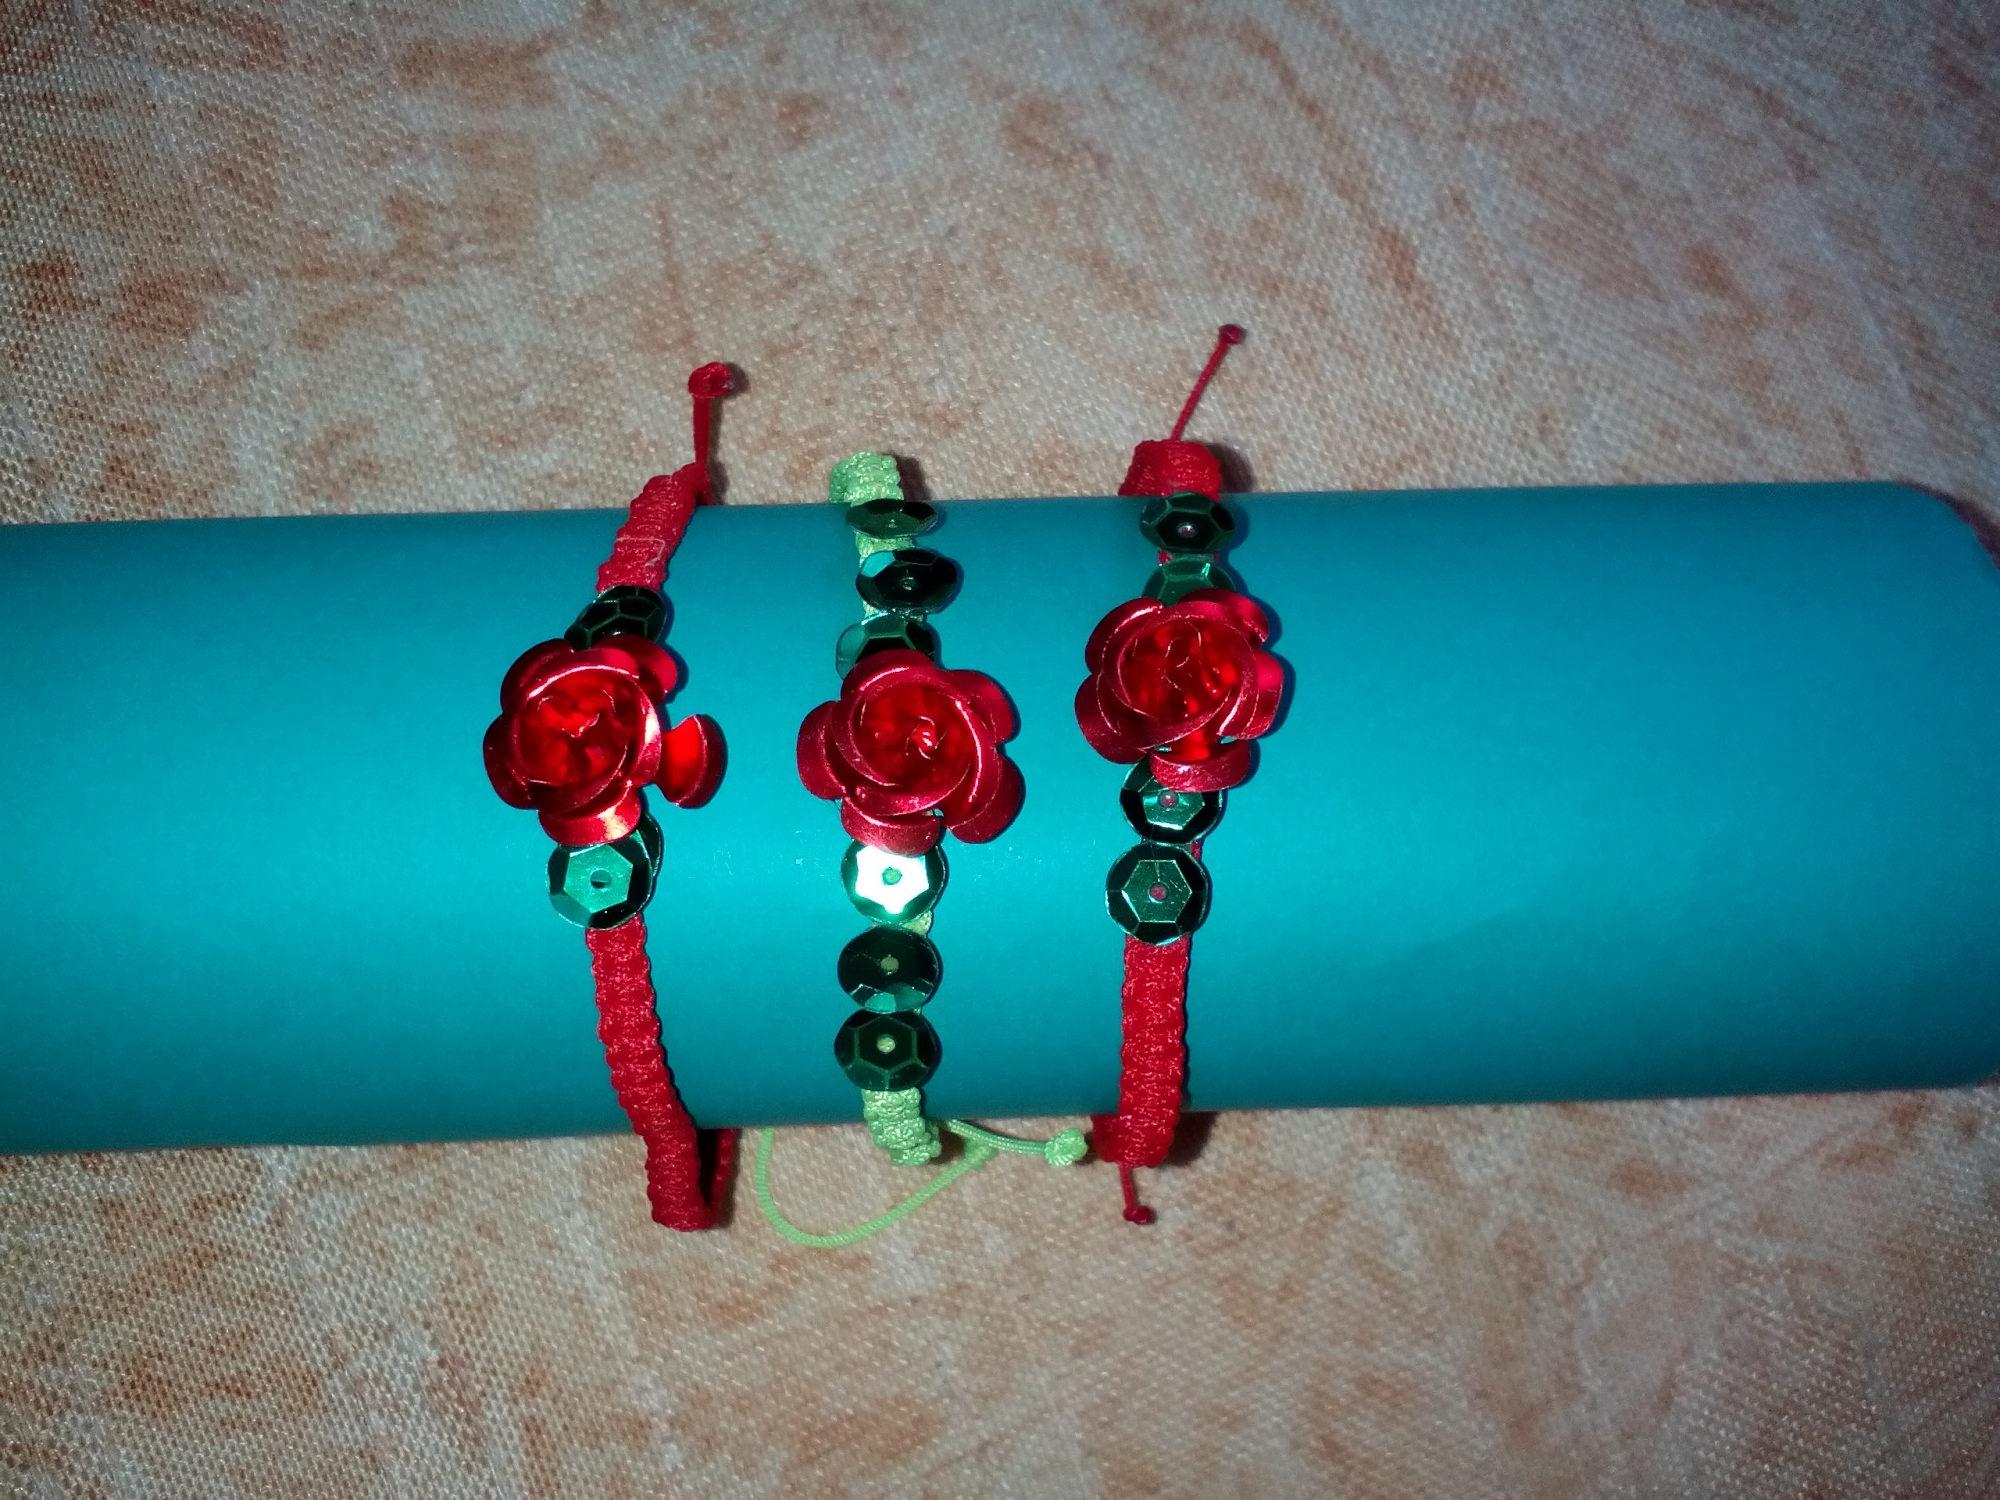 - Handgemachtes Armband - Satz mit Rose - Dekoration 3 - Handgemachtes Armband - Satz mit Rose - Dekoration 3